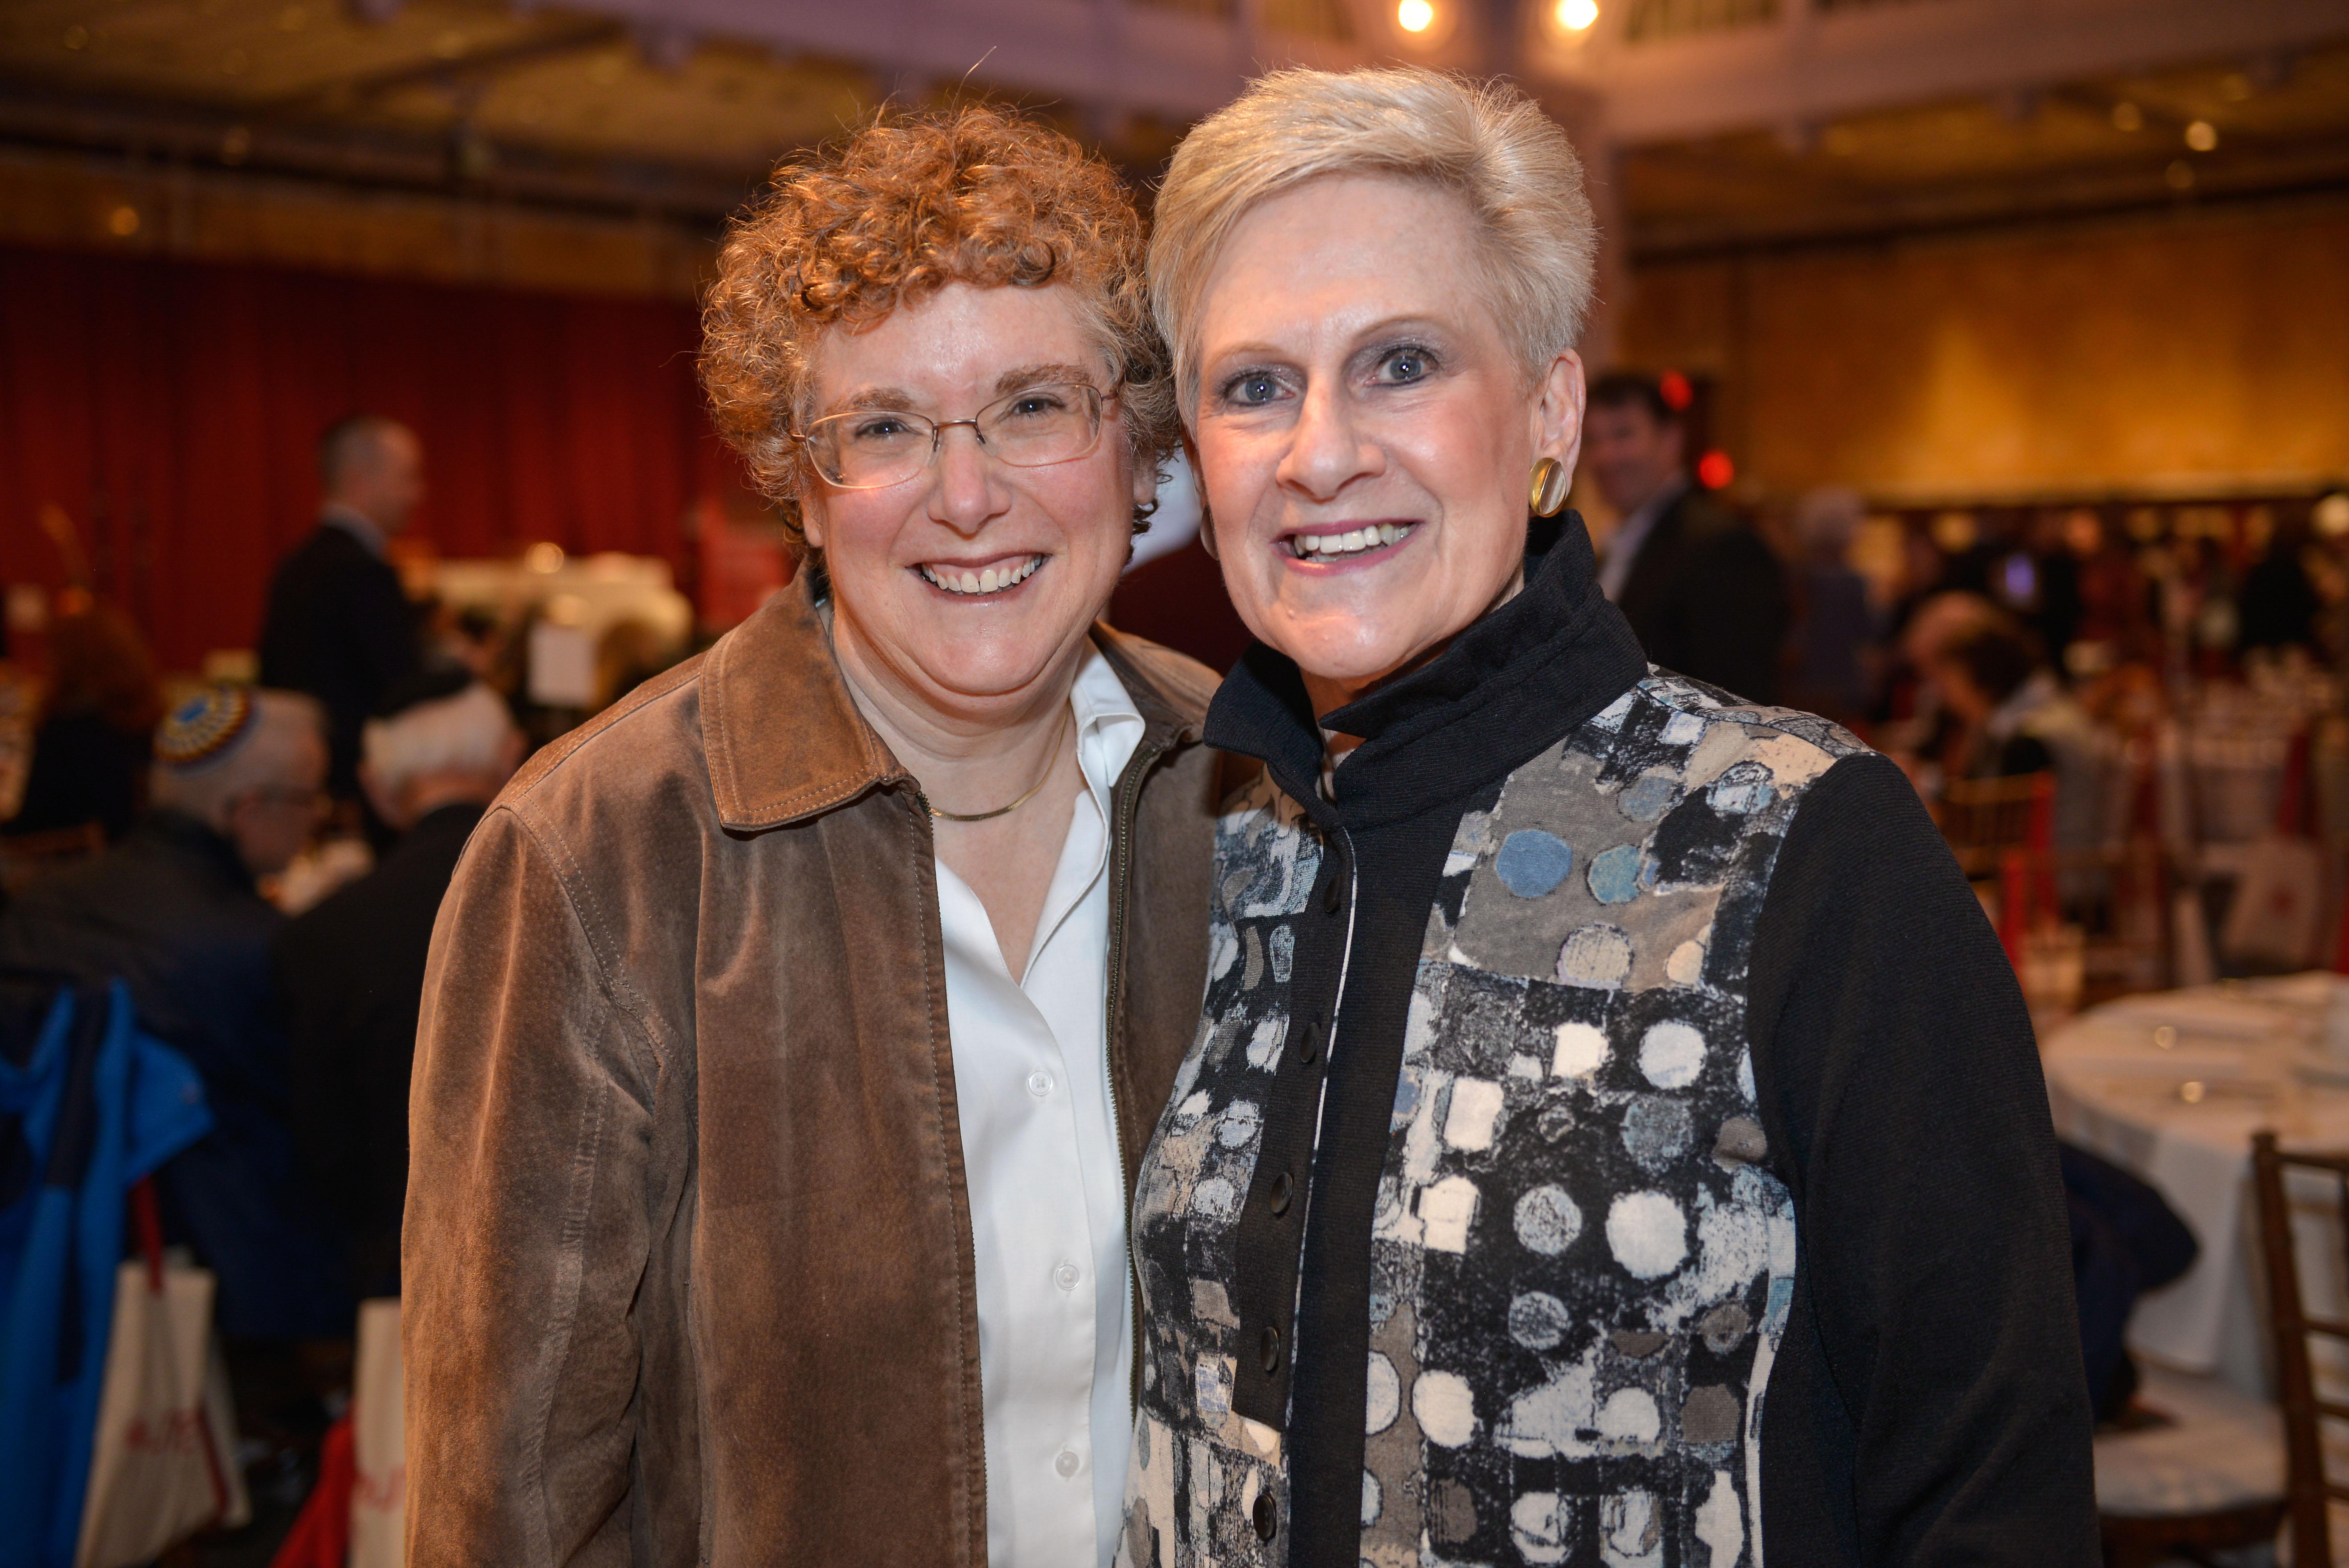 From left: Dr. Susie Tanchel and Devra Lasden.